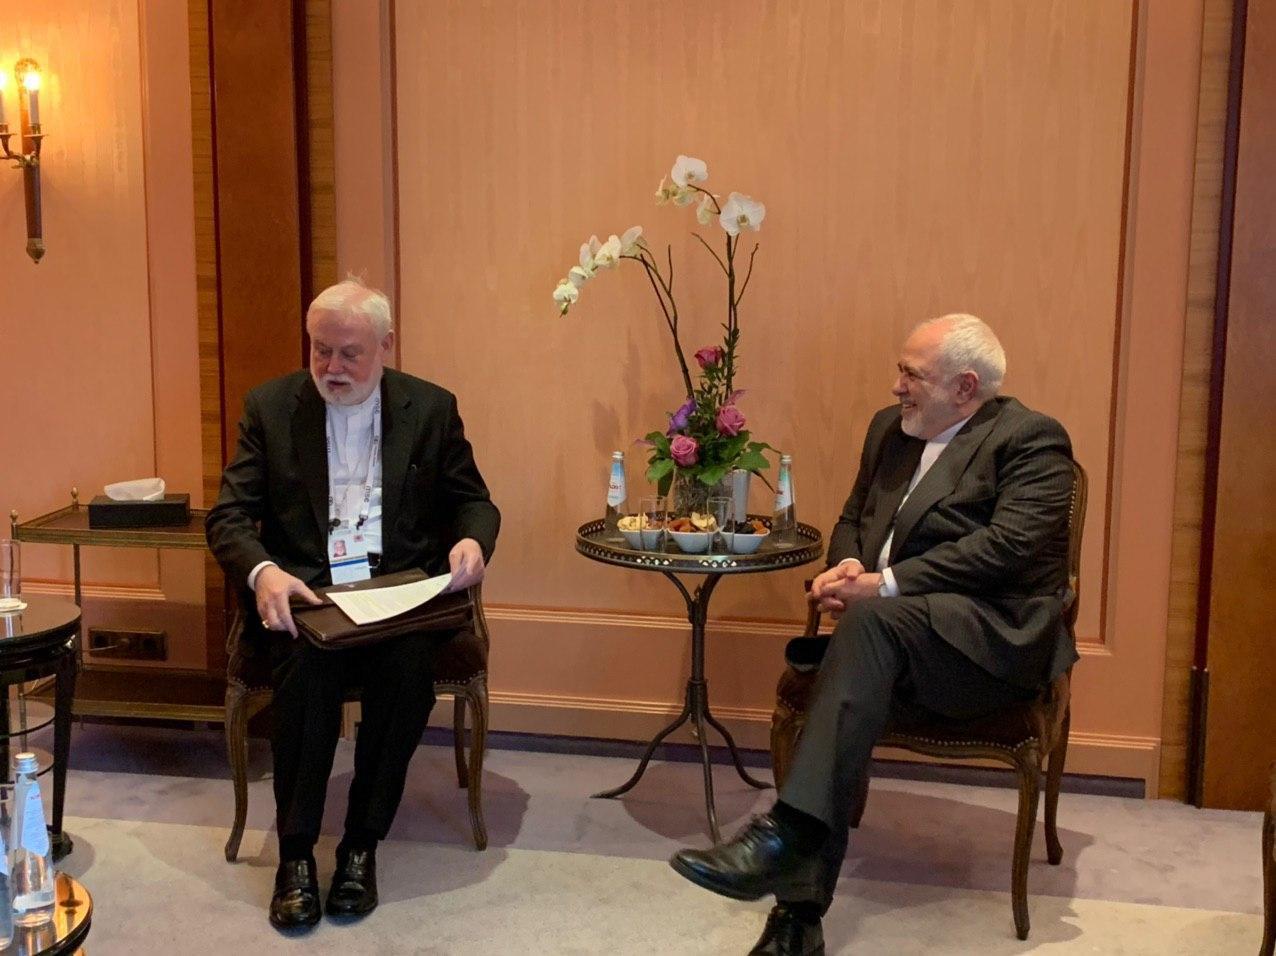 دیدار و گفتگوی وزرای امور خارجه جمهوری اسلامی ایران و واتیکان